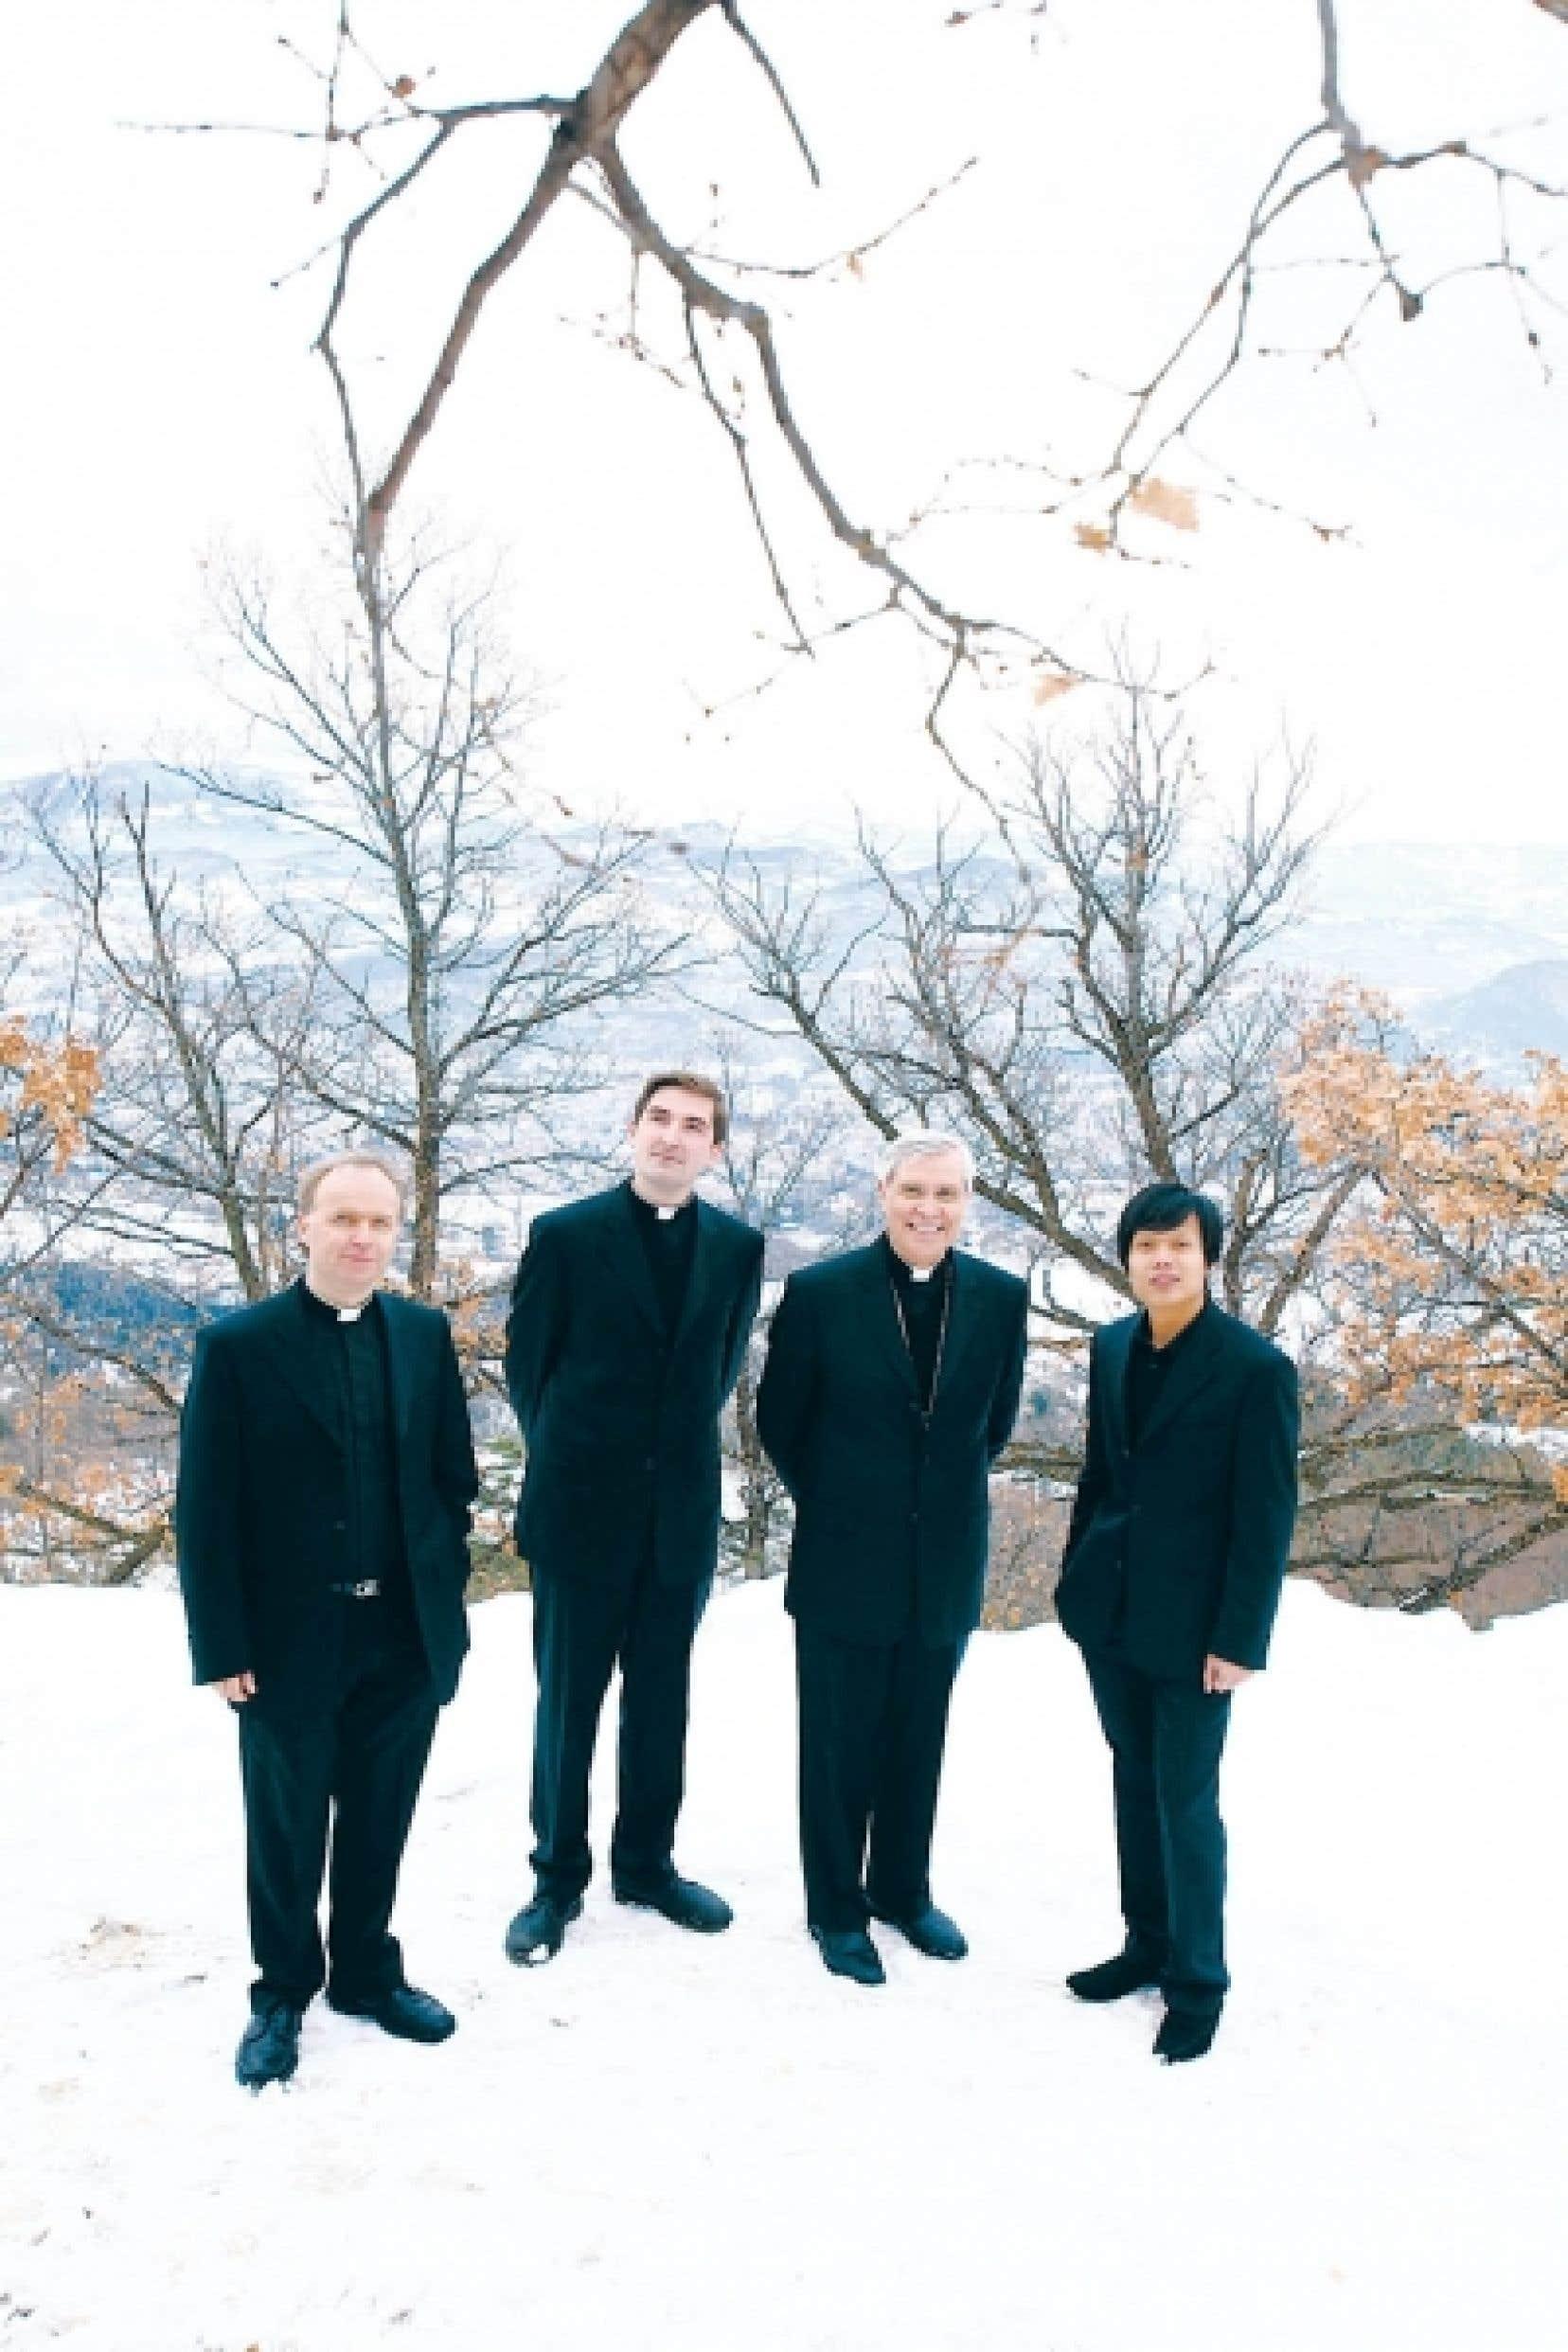 L'album Spiritus Dei du groupe Les Prêtres chantants fait un malheur en France depuis les début de 2010.<br />